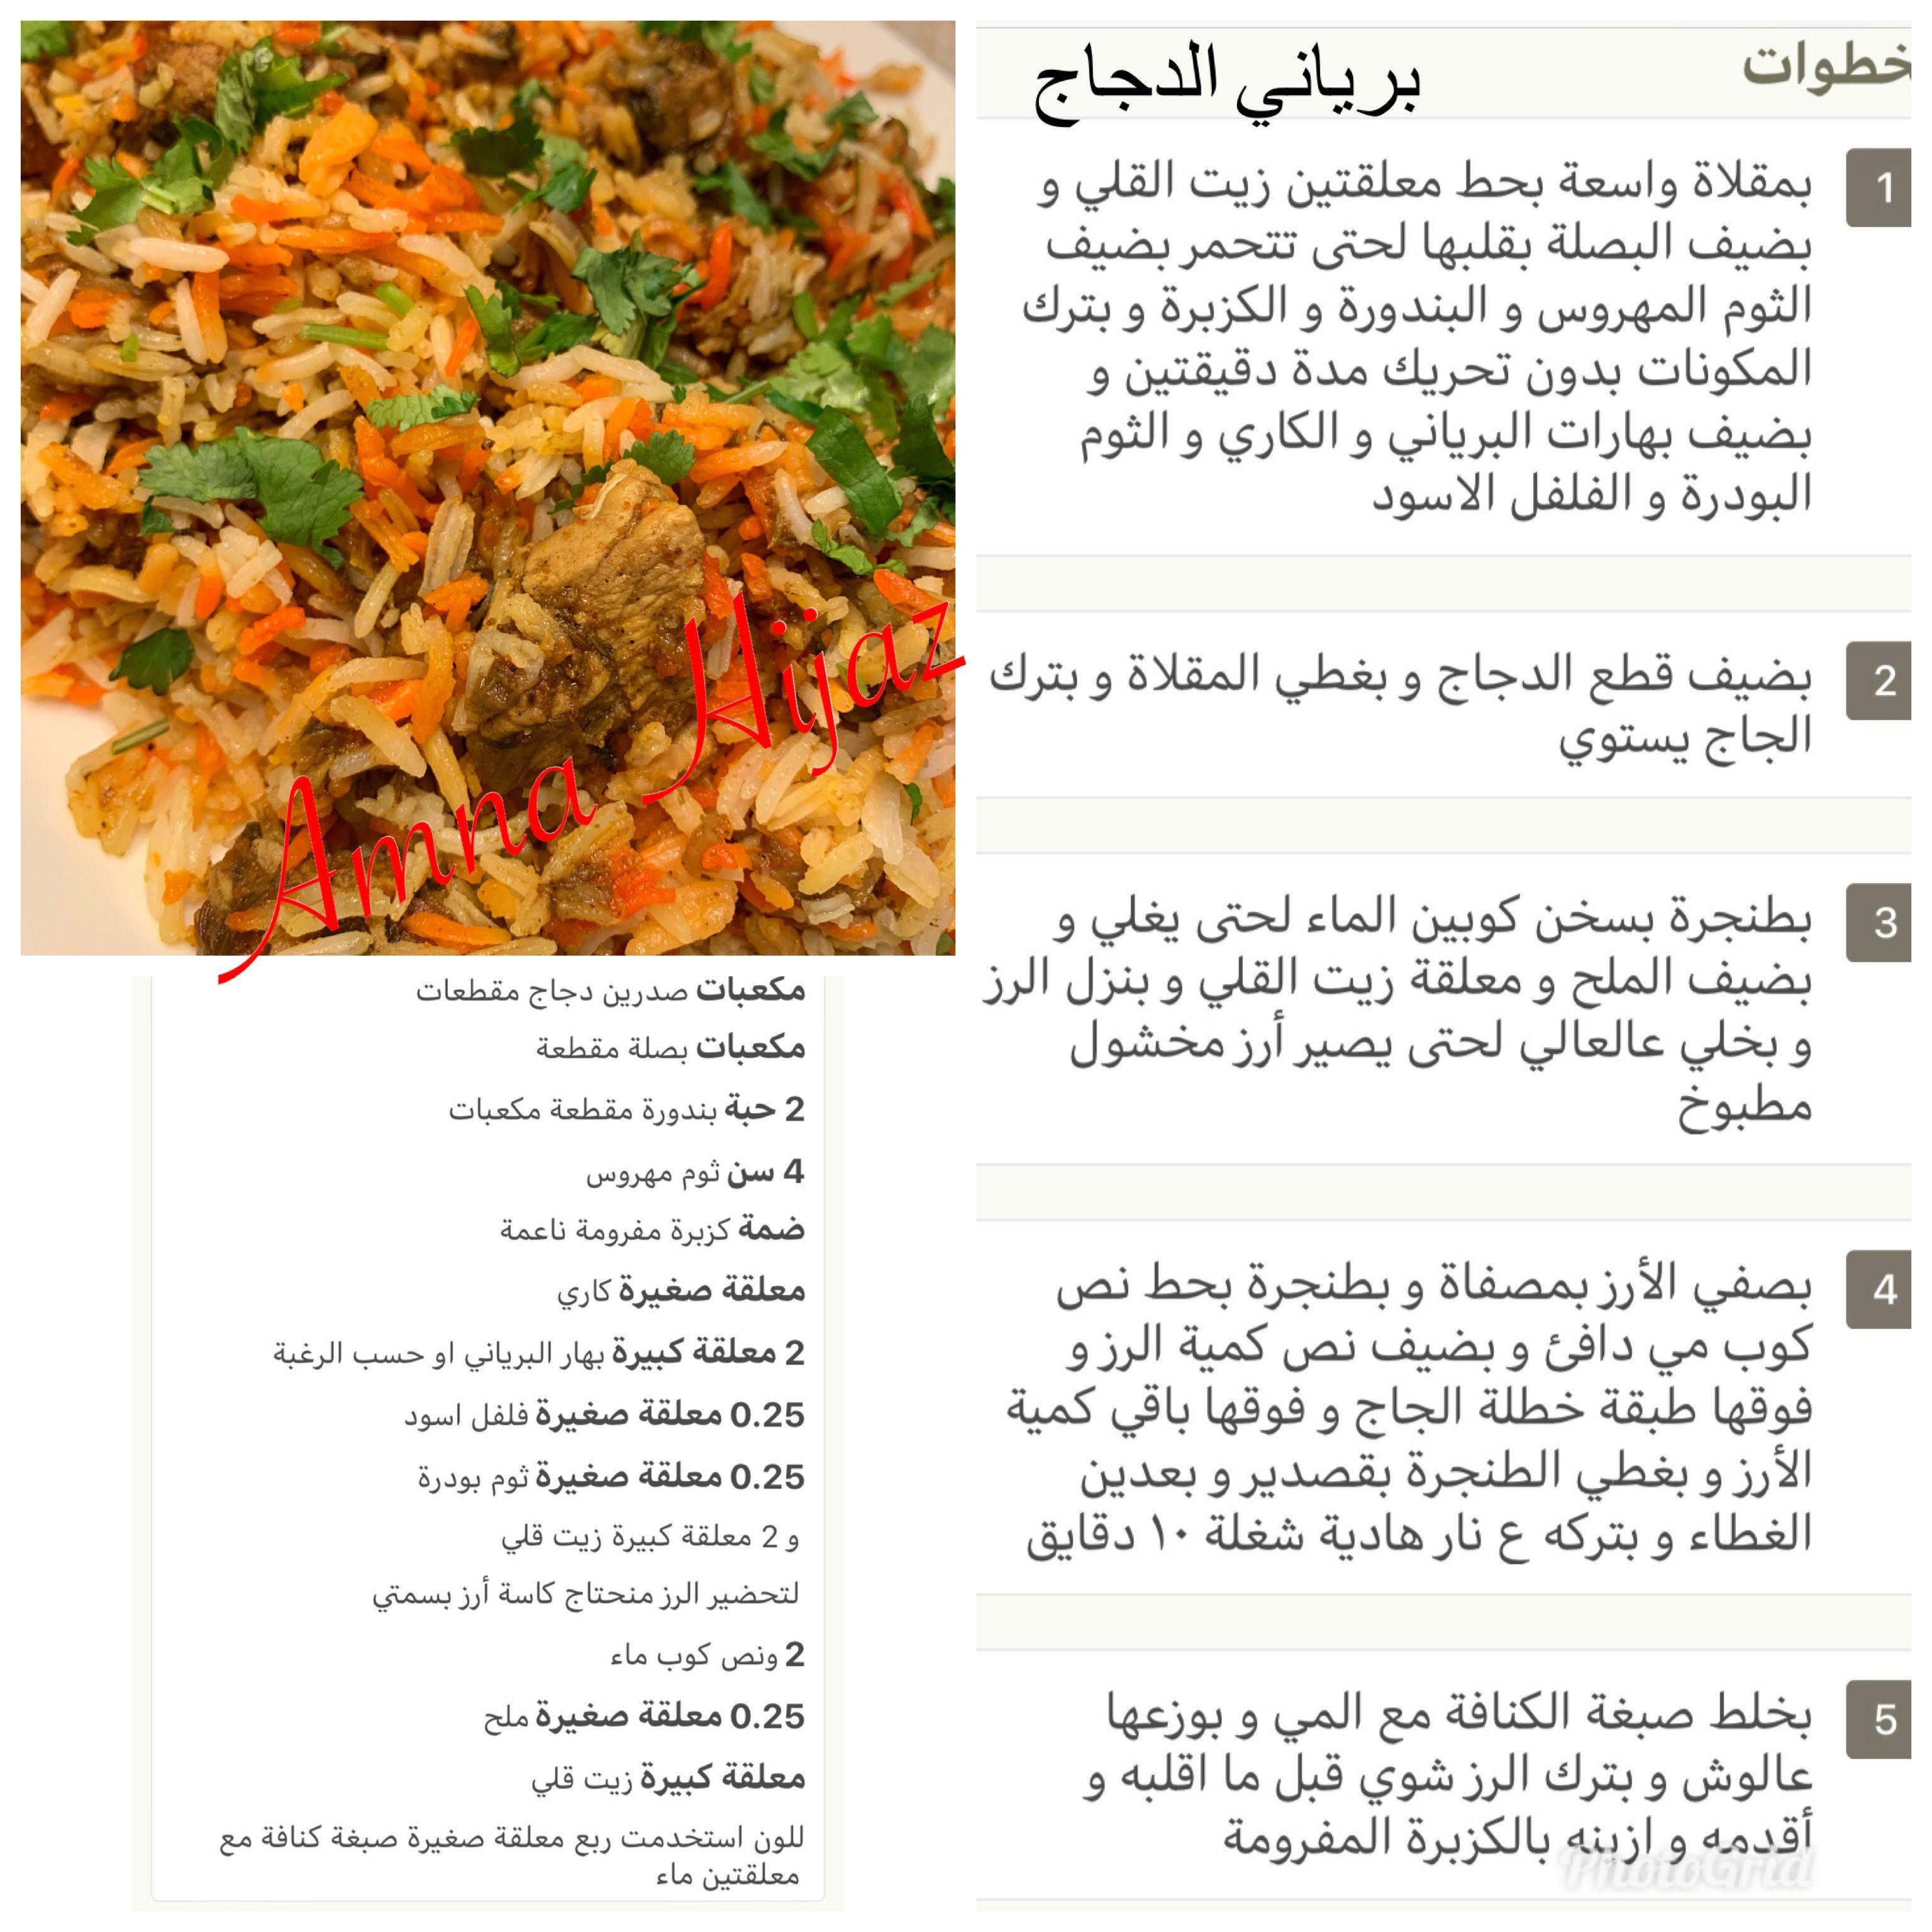 برياني الدجاج My Recipes Recipes Arabic Food